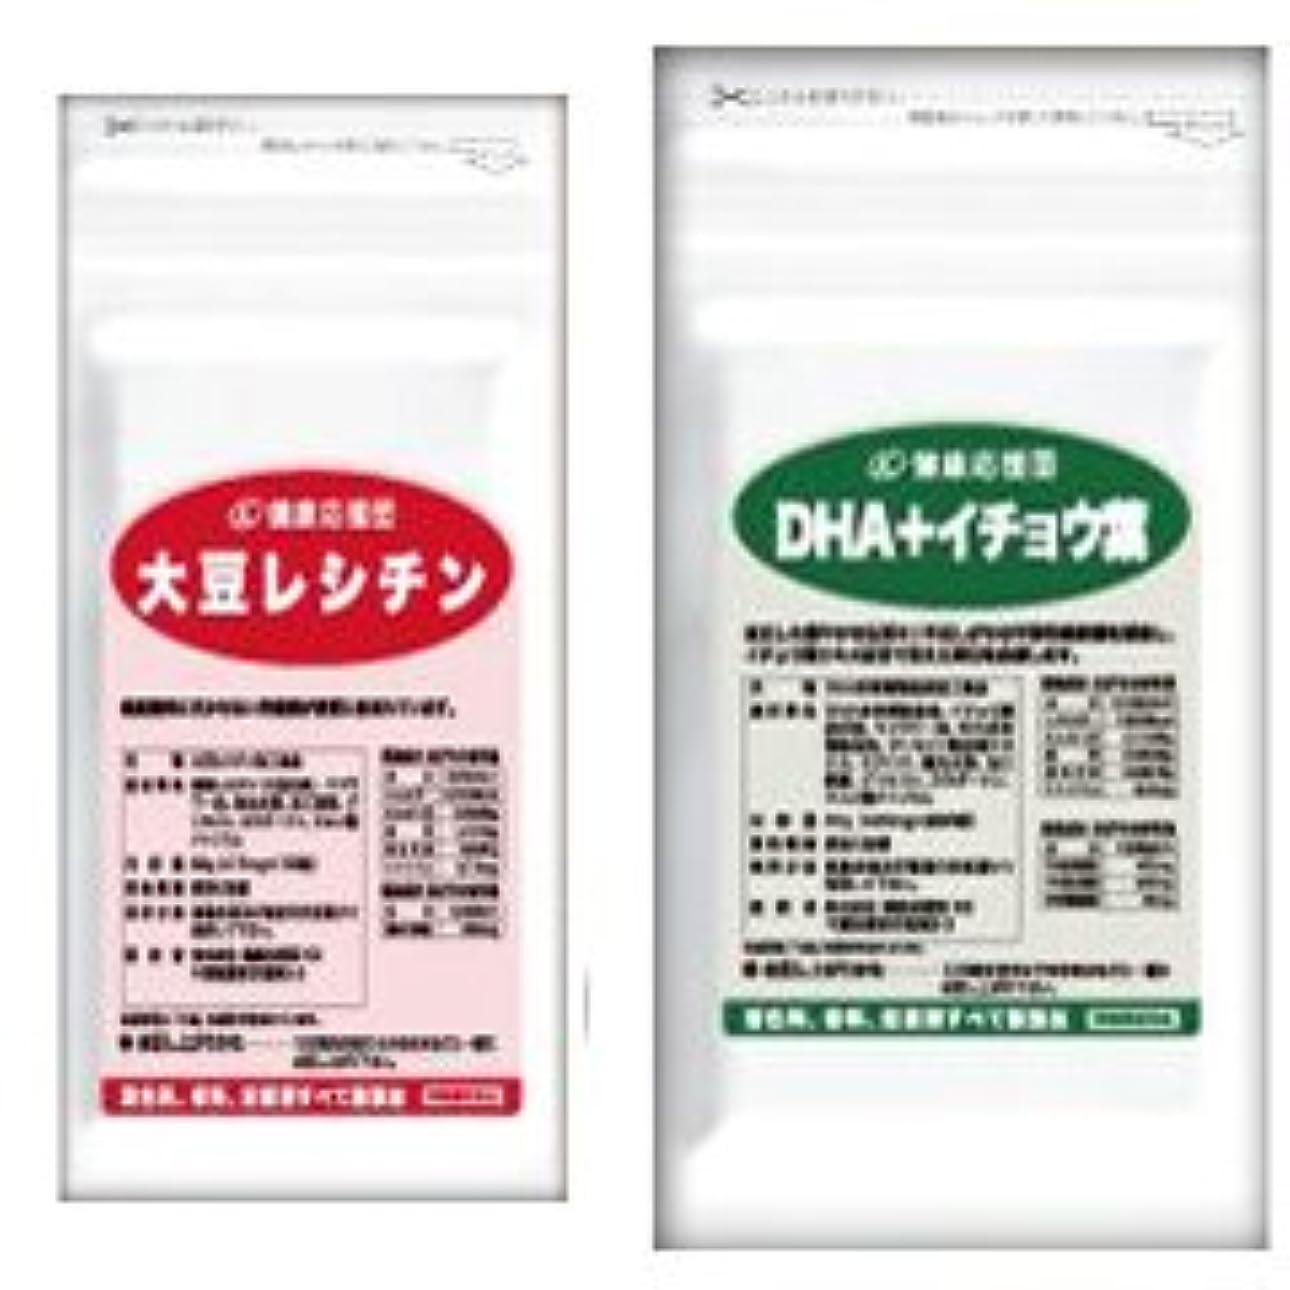 うまくいけばアフリカ舞い上がる(お徳用3か月分)流れサラサラセット 大豆レシチン+(DHA+イチョウ葉)3袋&3袋セット(DHA・EPA・イチョウ葉)